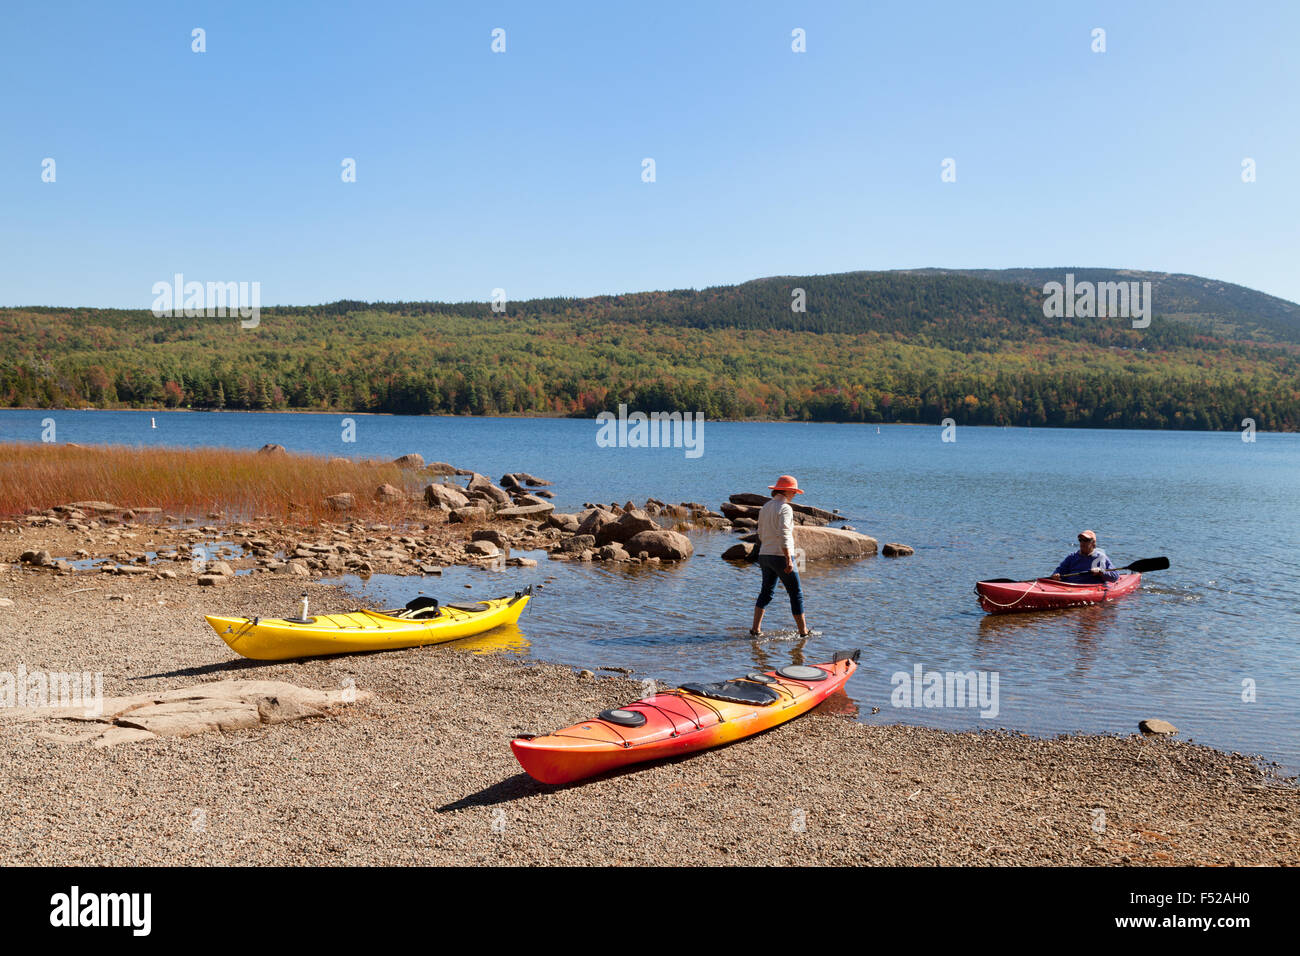 Canotaje y Kayak, Eagle Lake, el Parque Nacional de Acadia, Maine, EE.UU. Imagen De Stock